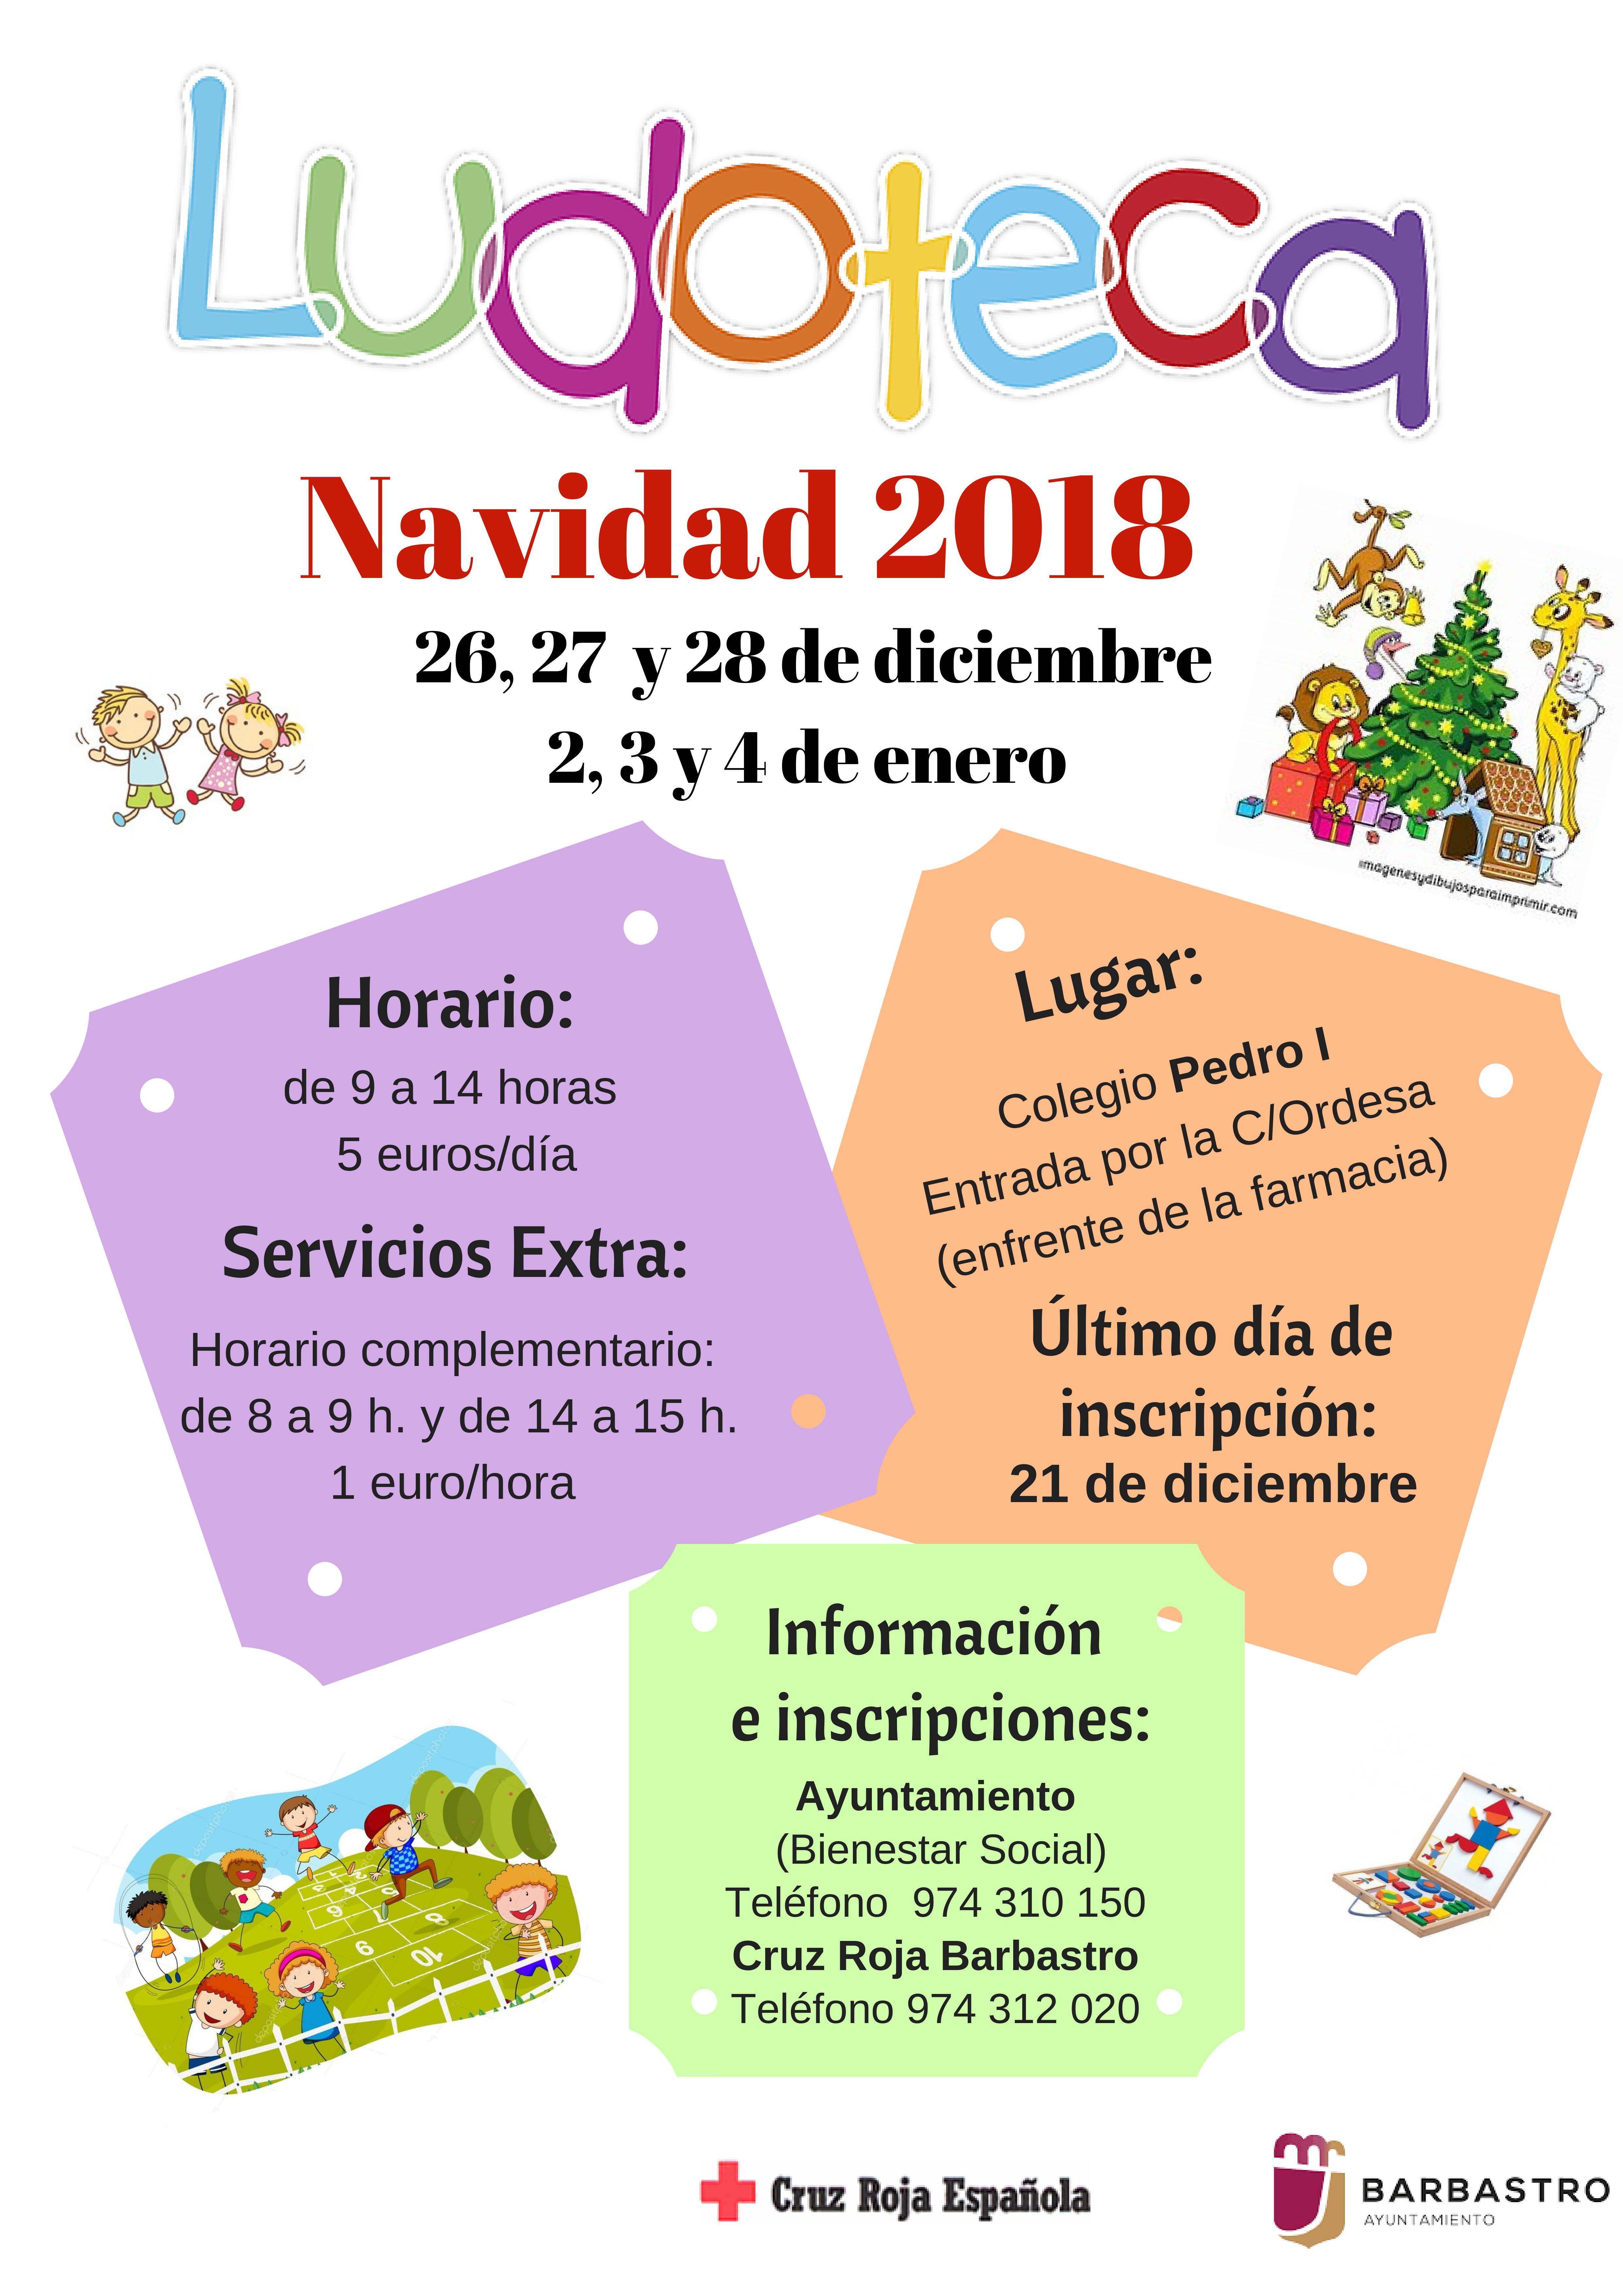 La Ludoteca abre el período de inscripción hasta el 21 de diciembre